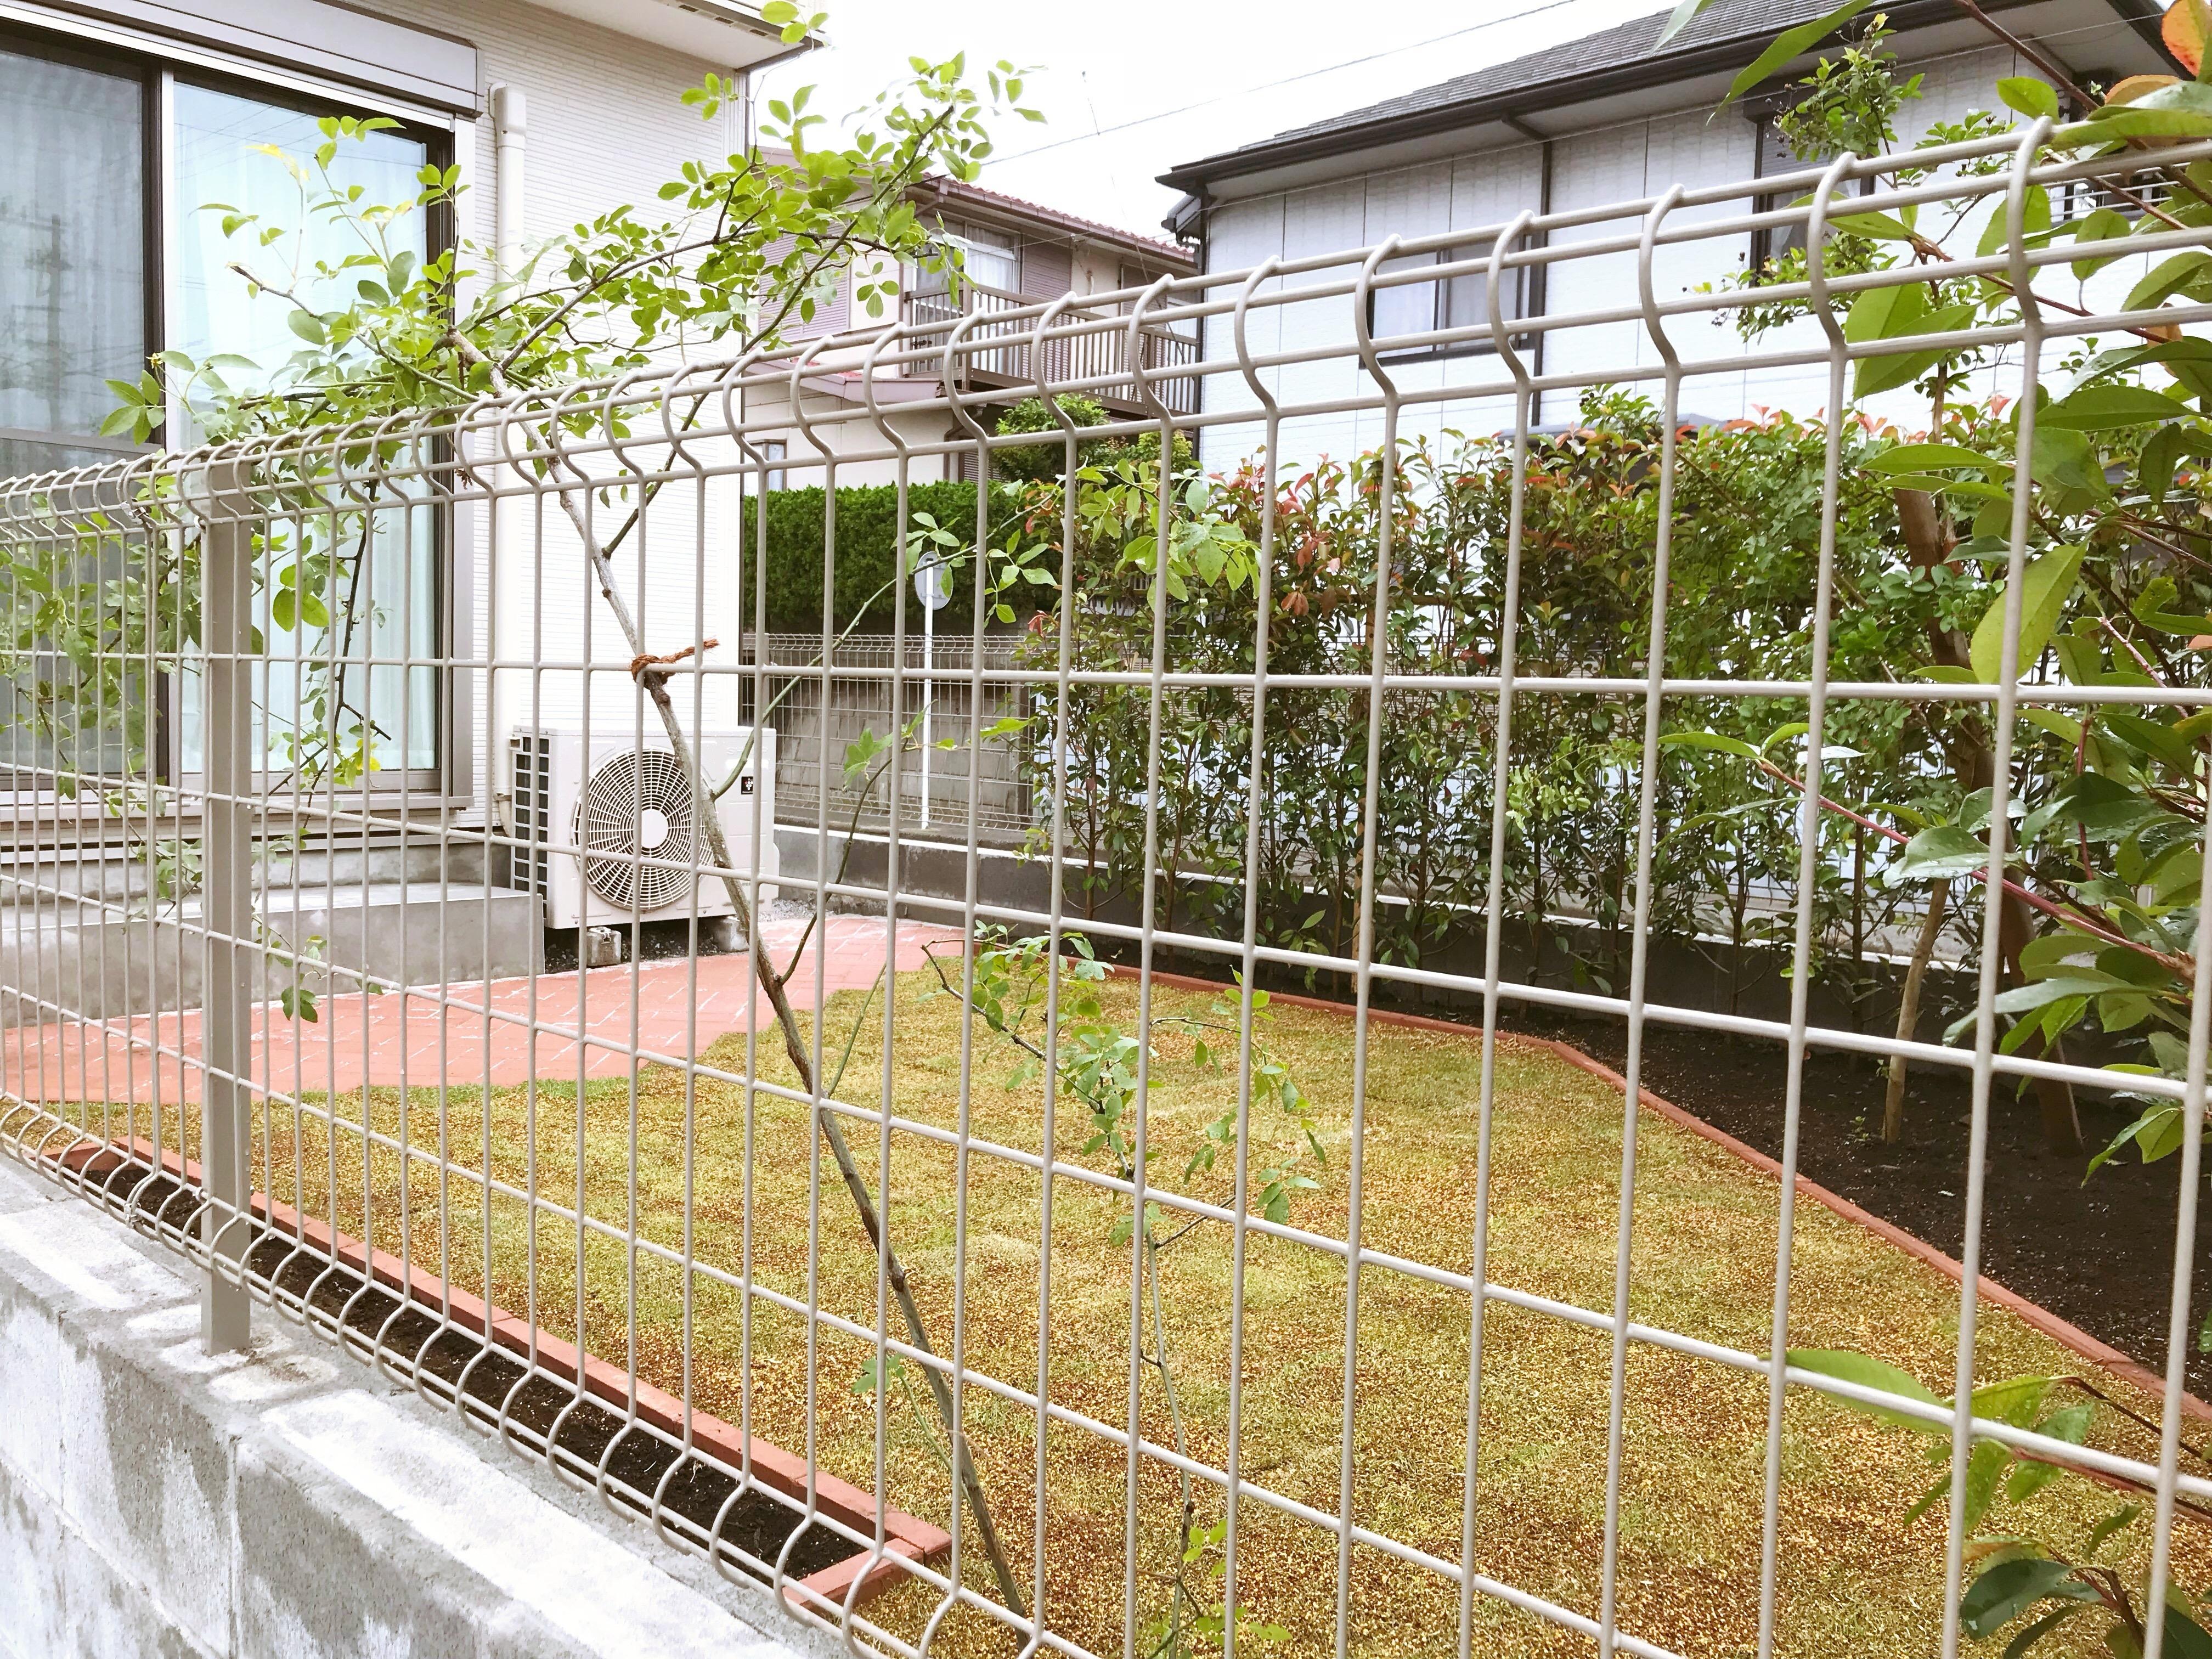 芝生とレンガのお庭@横須賀市久里浜台